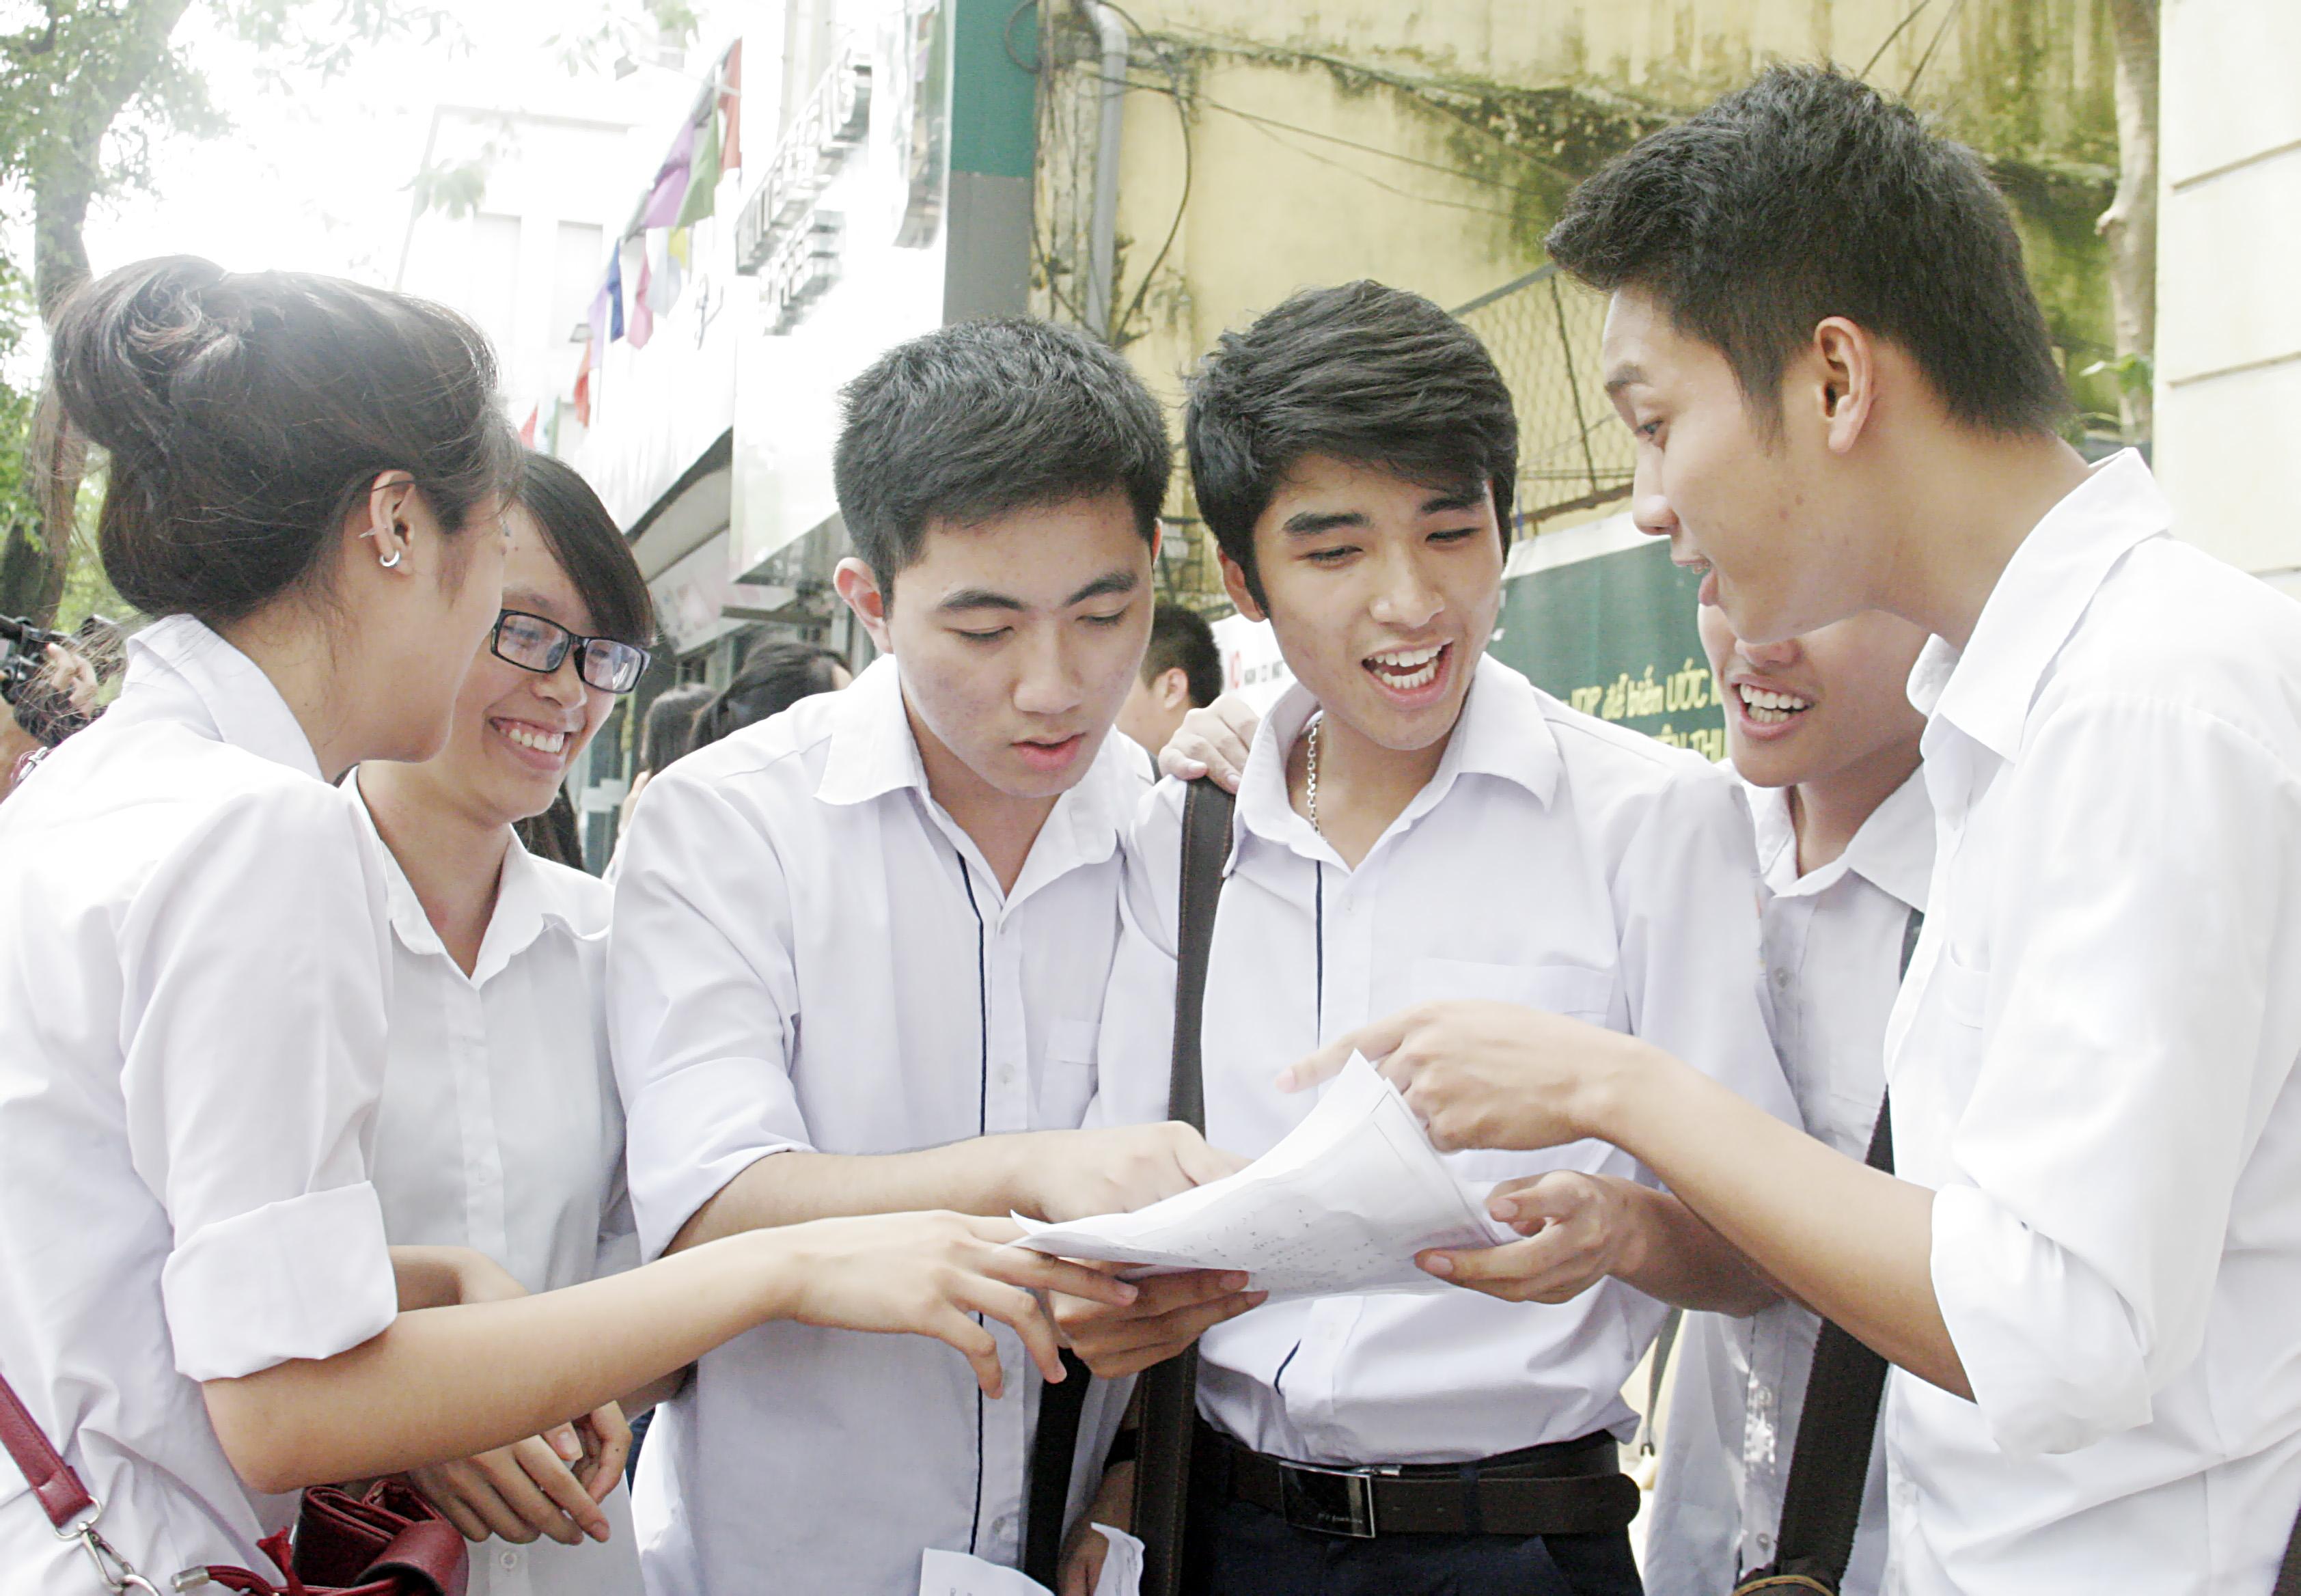 Đề thi thử THPT Quốc gia môn Địa năm 2016 - THPT Yên Lạc 2